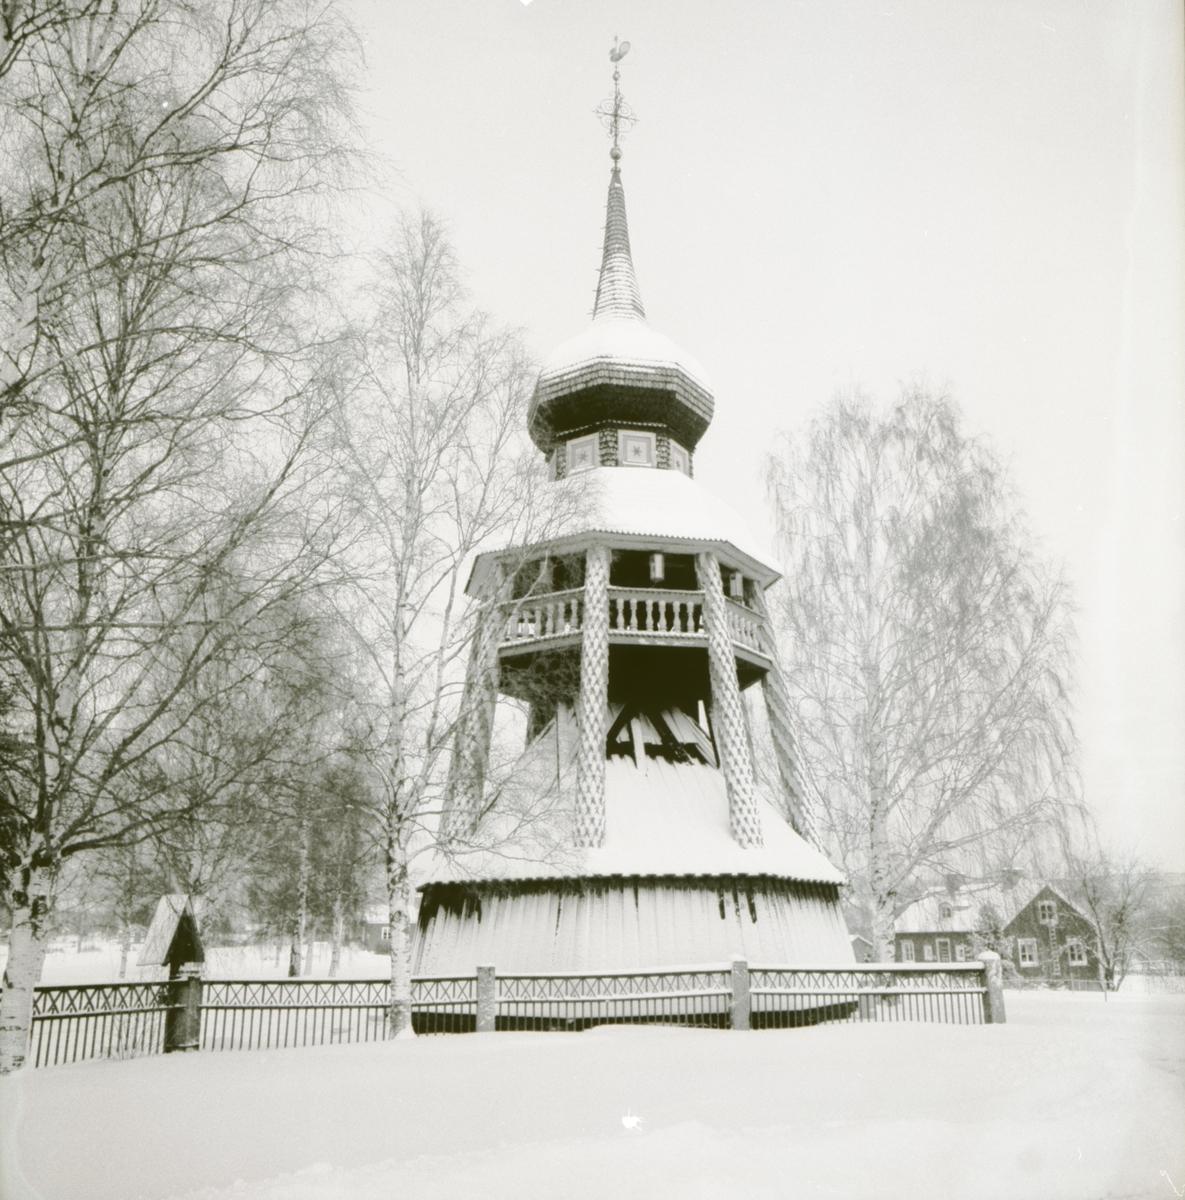 En klockstapel i vinterskrud. Undersvik. Hälsingland. 1992.